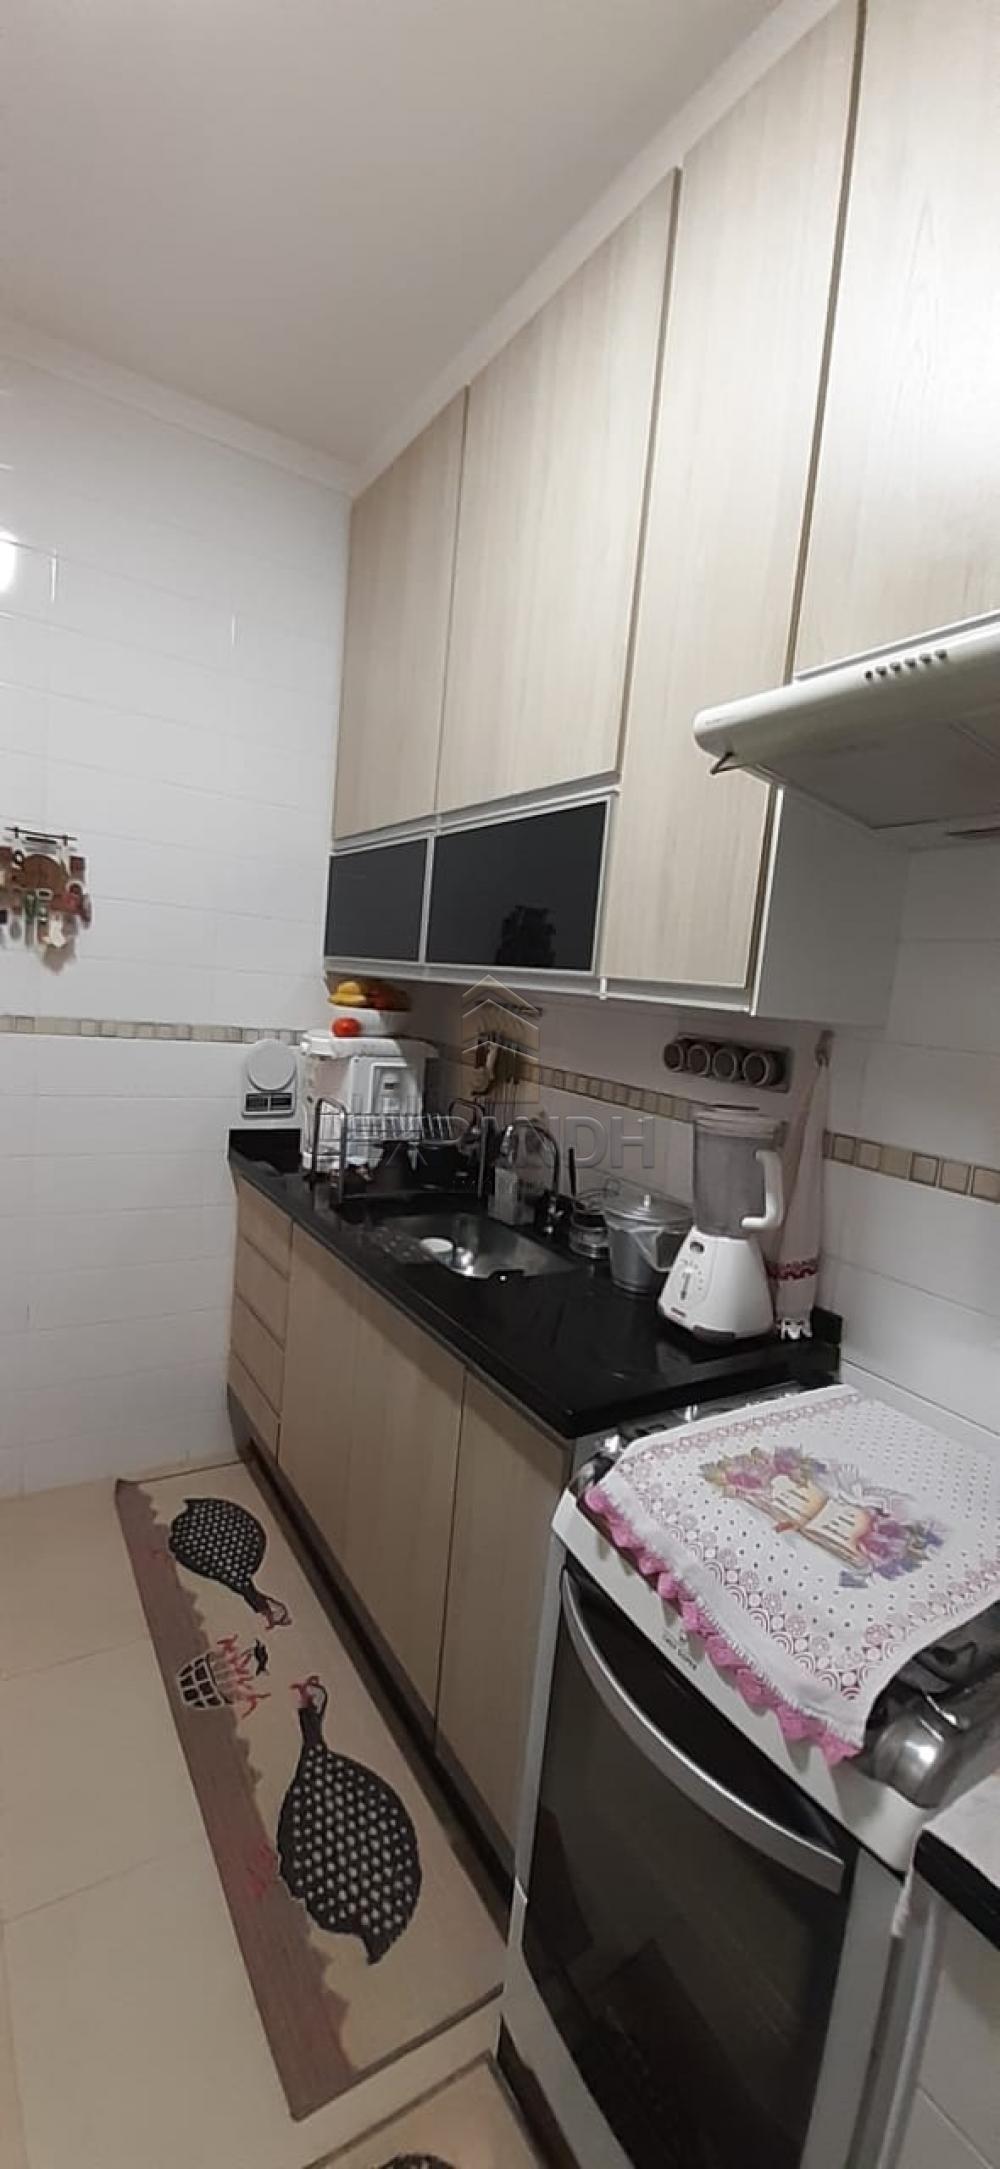 Alugar Apartamentos / Padrão em Sertãozinho apenas R$ 990,00 - Foto 5